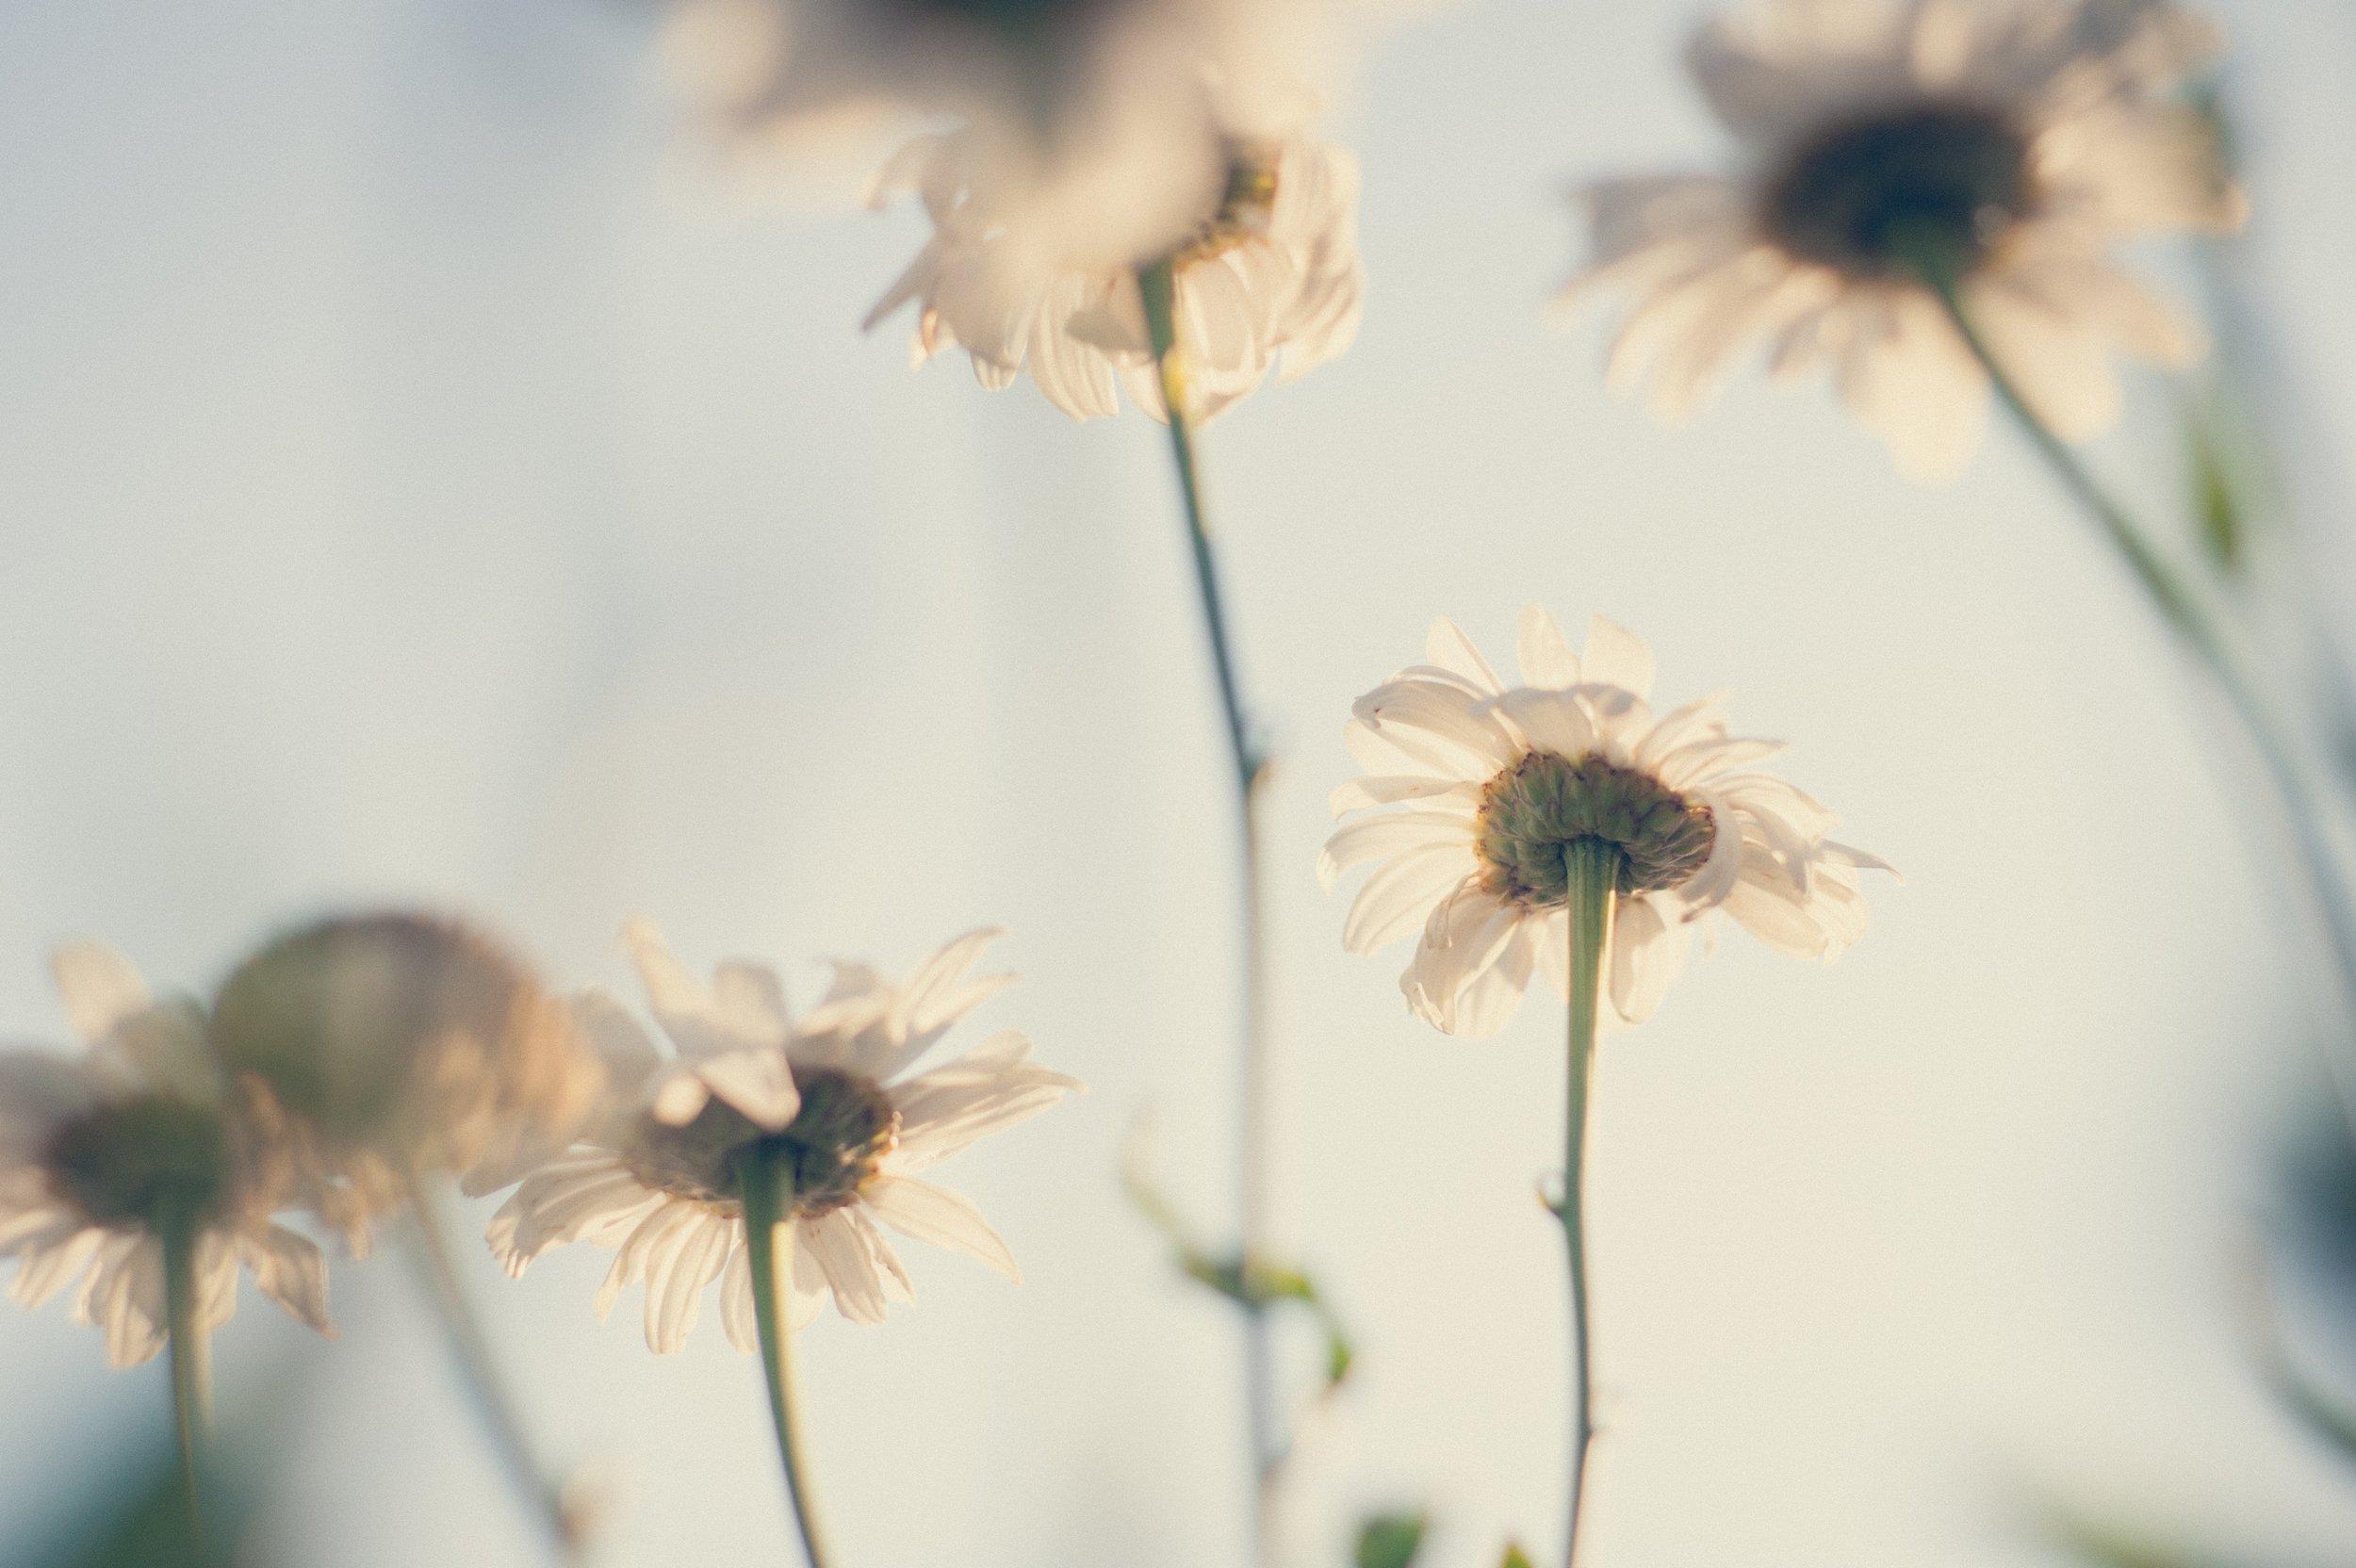 background-bloom-blooming-583850.jpg